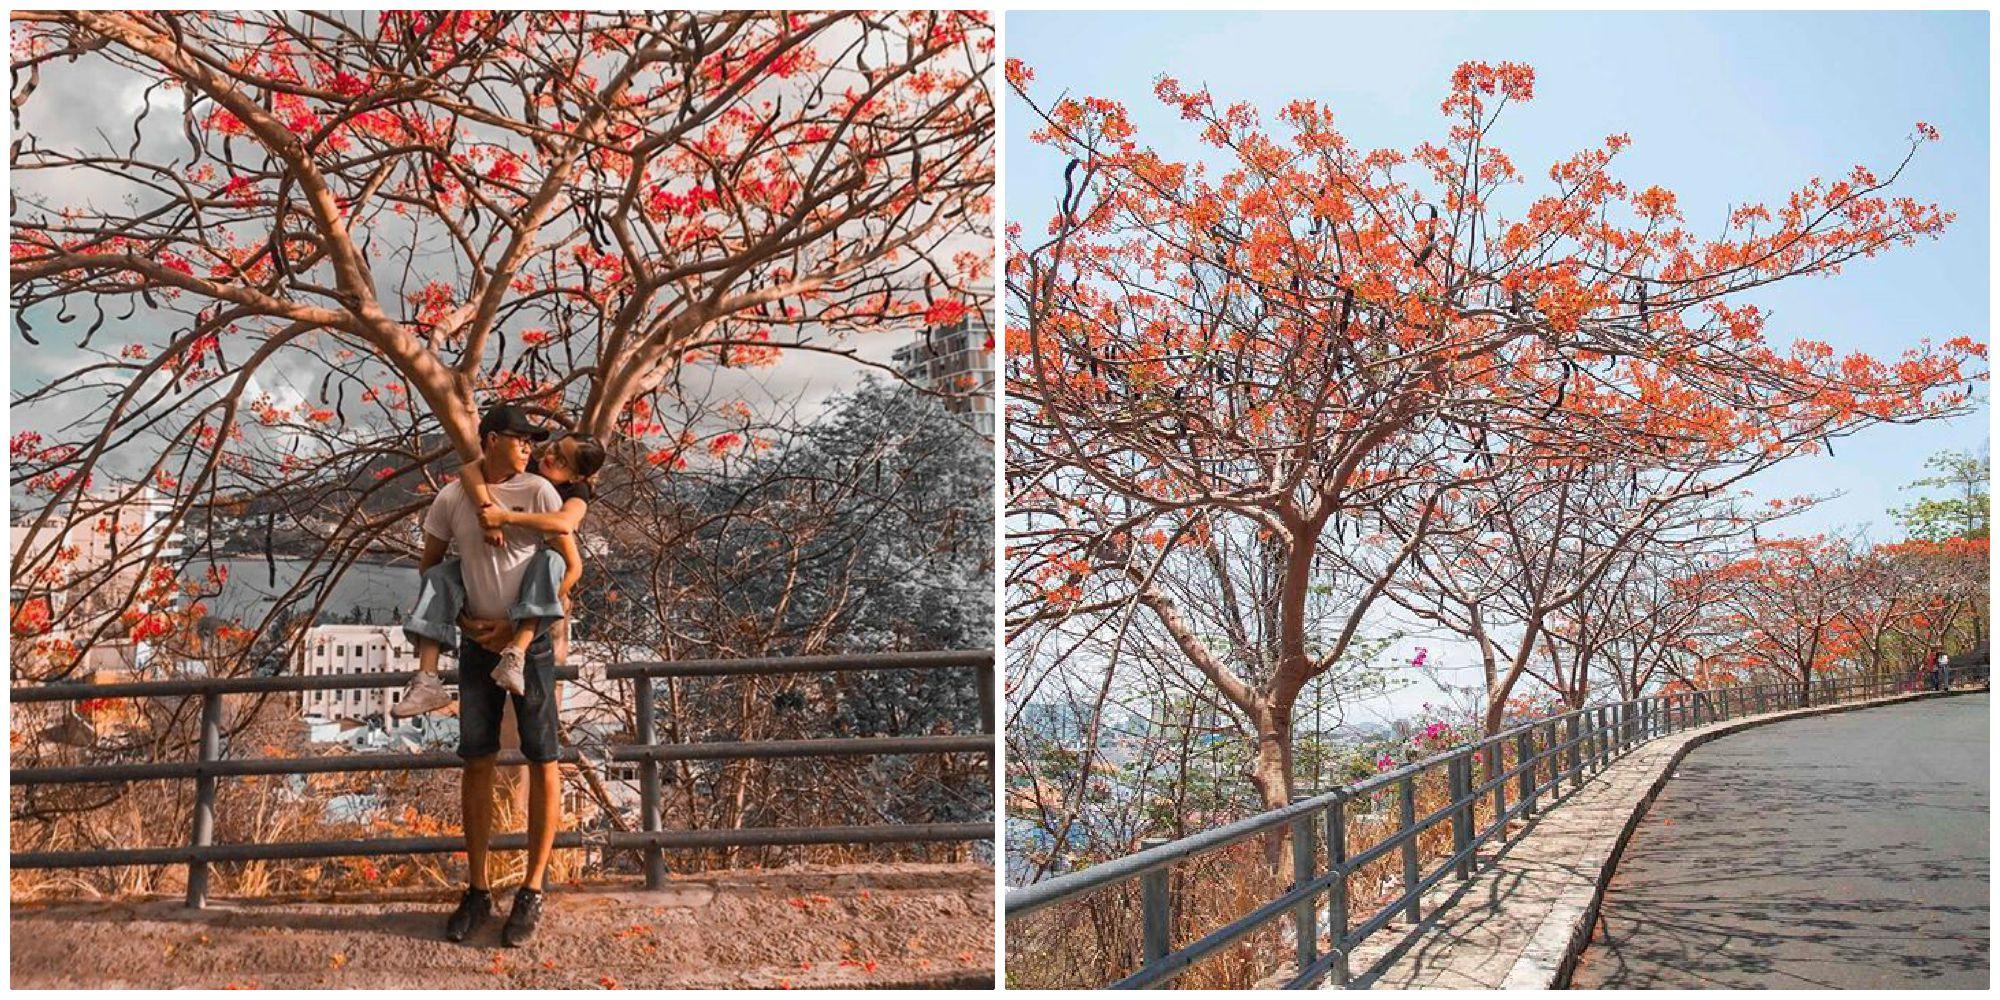 Đẹp quên lối về con đường phượng vĩ đỏ rực ở thành phố biển Vũng Tàu